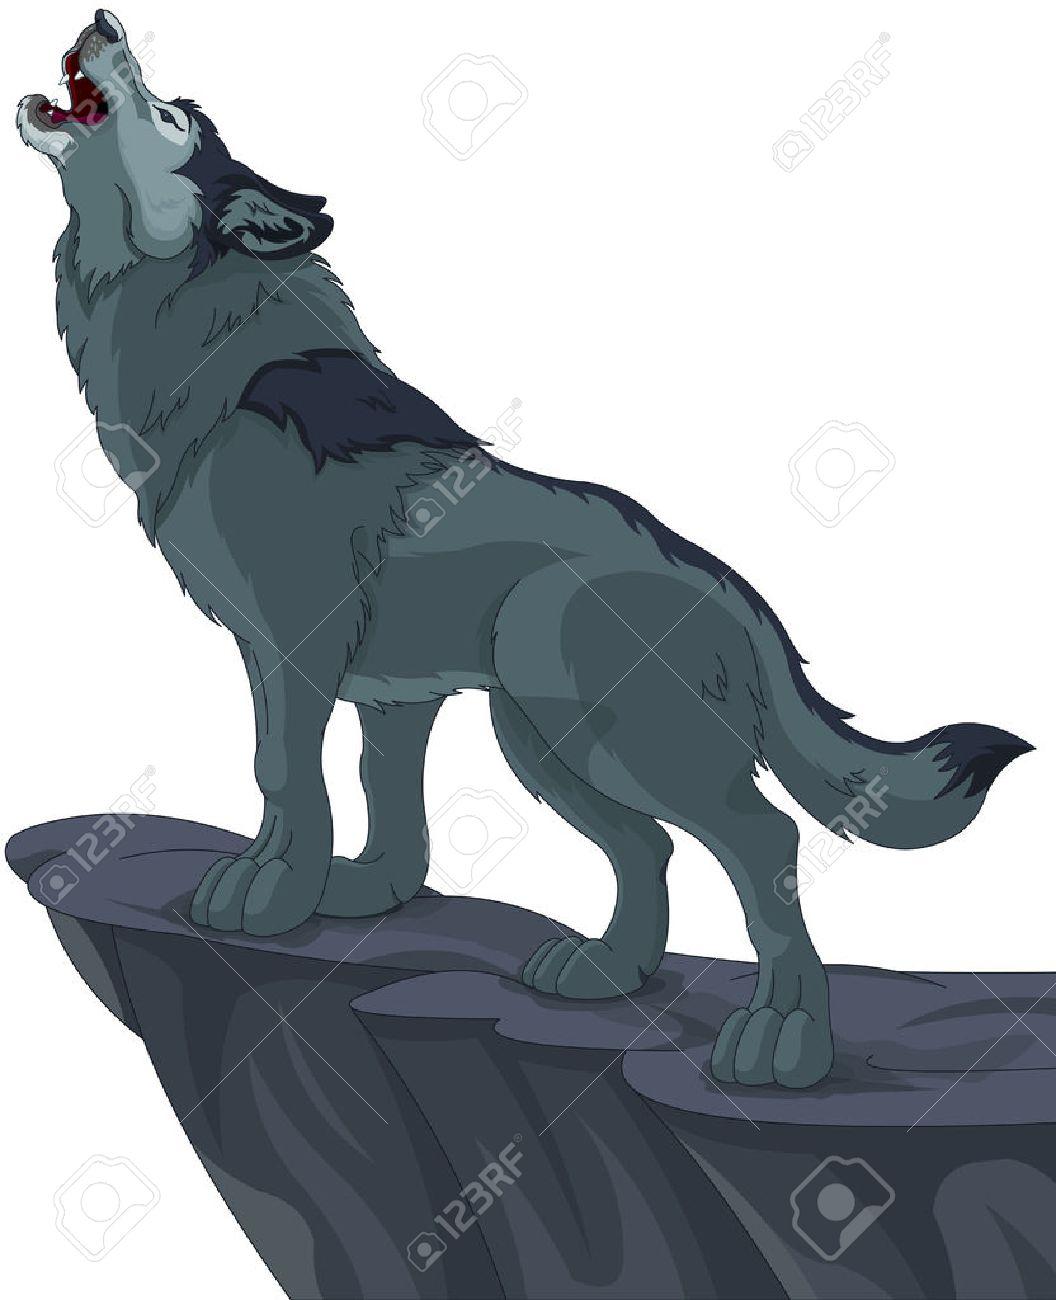 崖の上に立つ狼の遠吠えのイラストのイラスト素材ベクタ Image 31539261